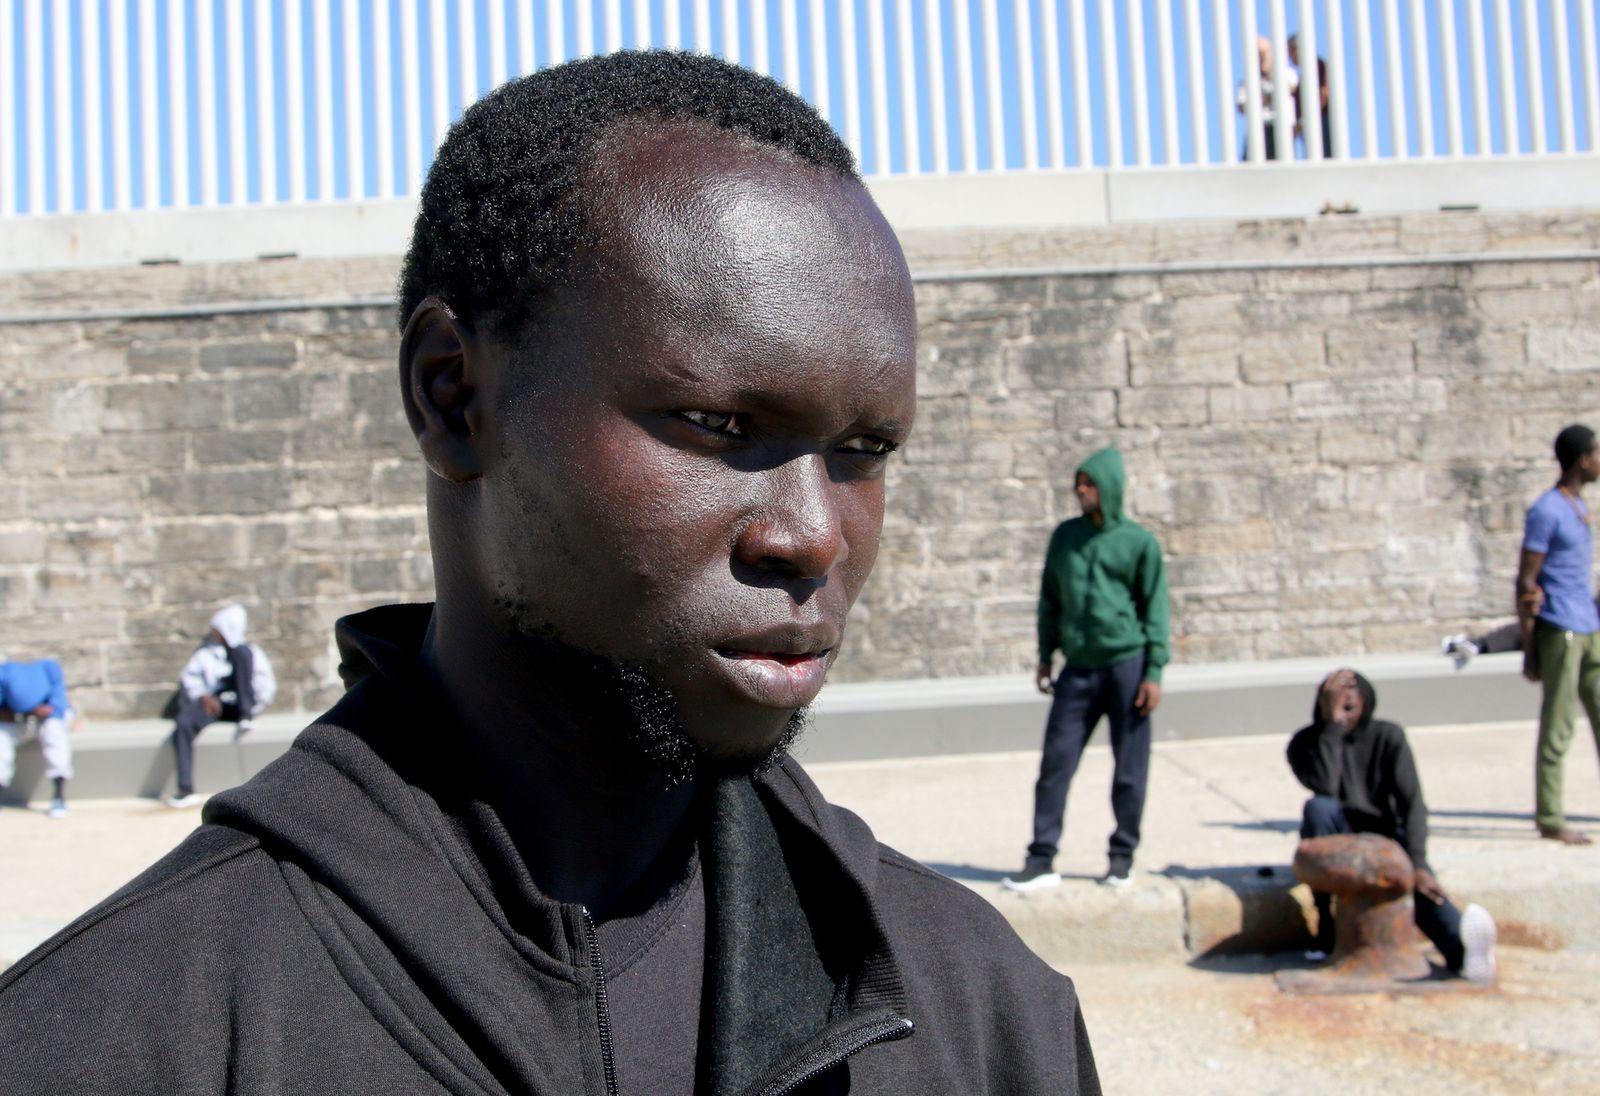 Yussuf 24 Aus Dem Senegal Will In Europa Geld Verdienen Um Seiner Mutter Und Seinen Zwei Schwestern Zu Helfen